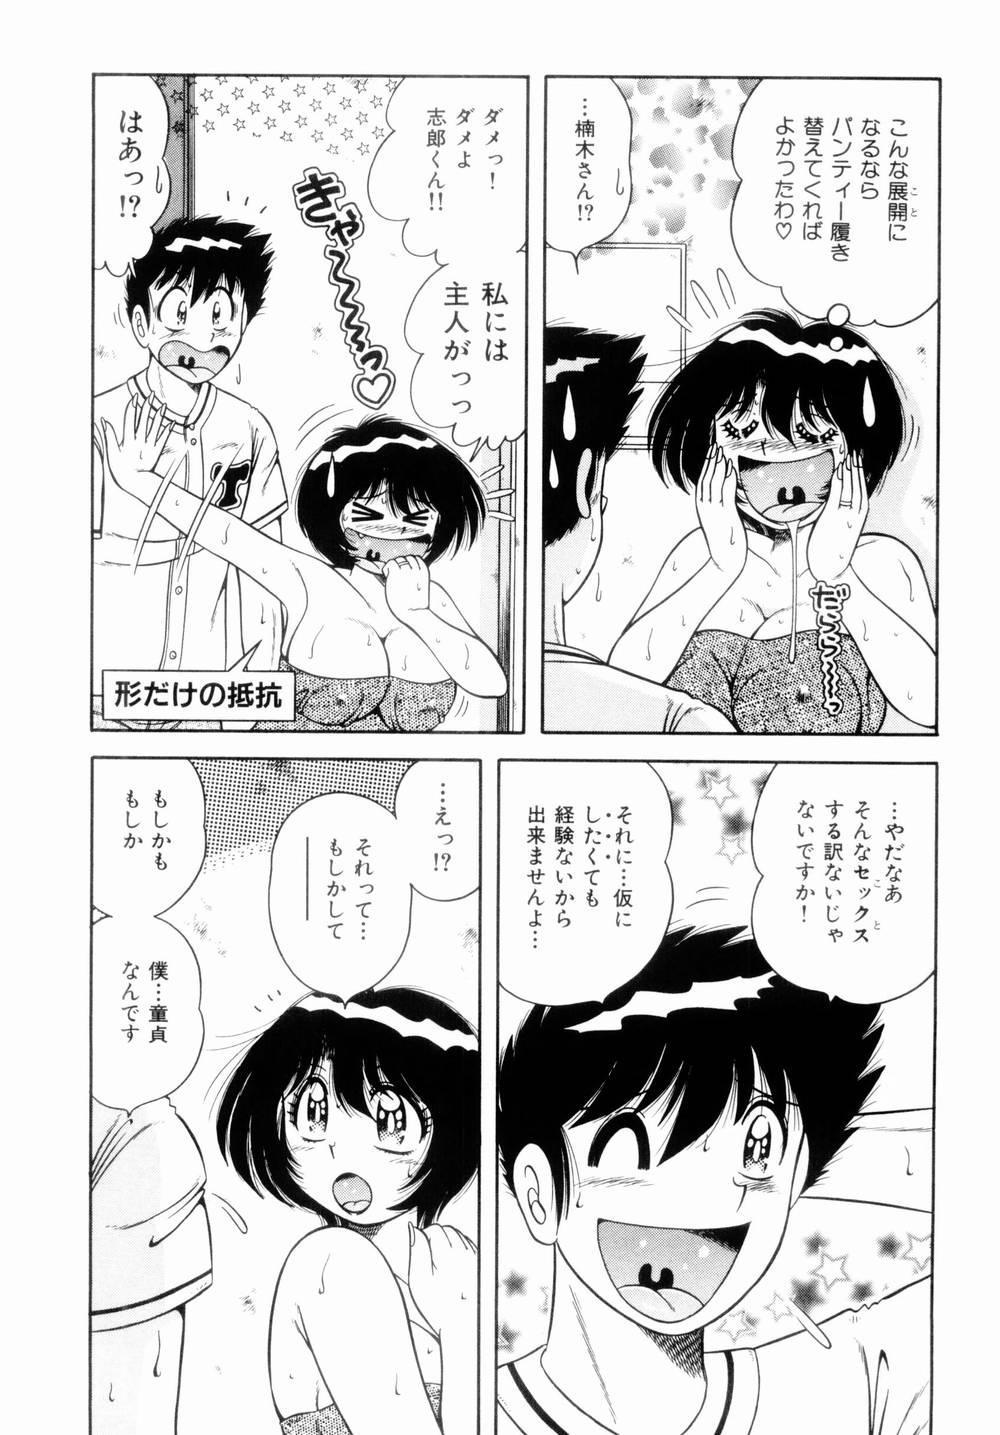 Misshitsu no Aventure 16